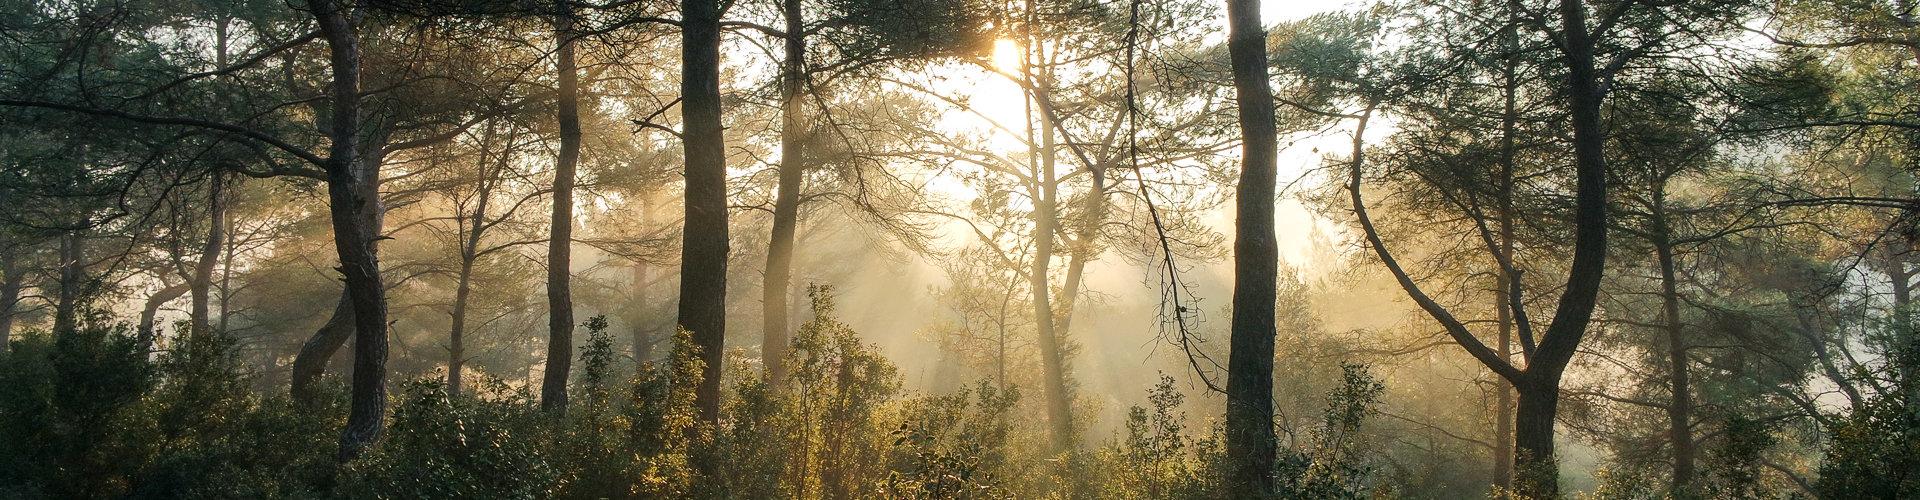 Det er gull i grønne skoger